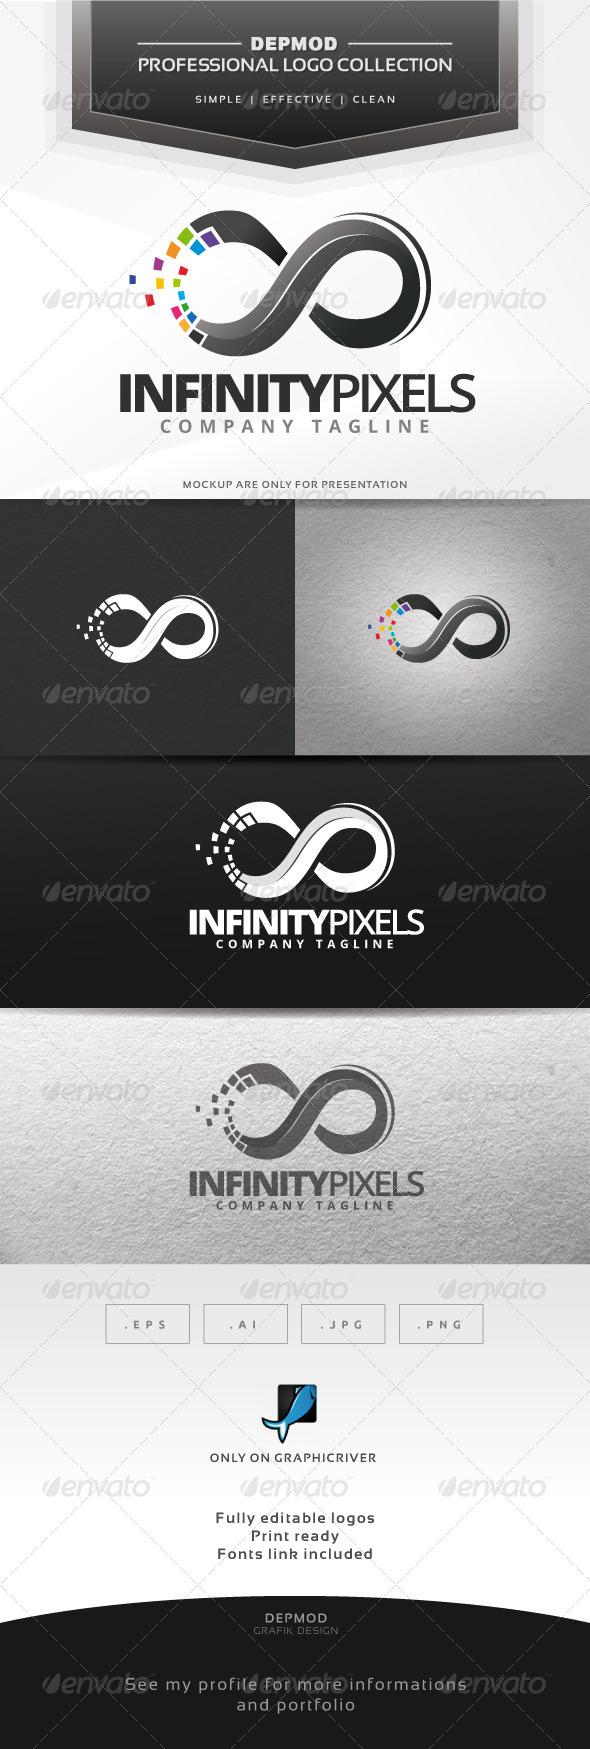 GraphicRiver Infinity Pixels Logo 6858777